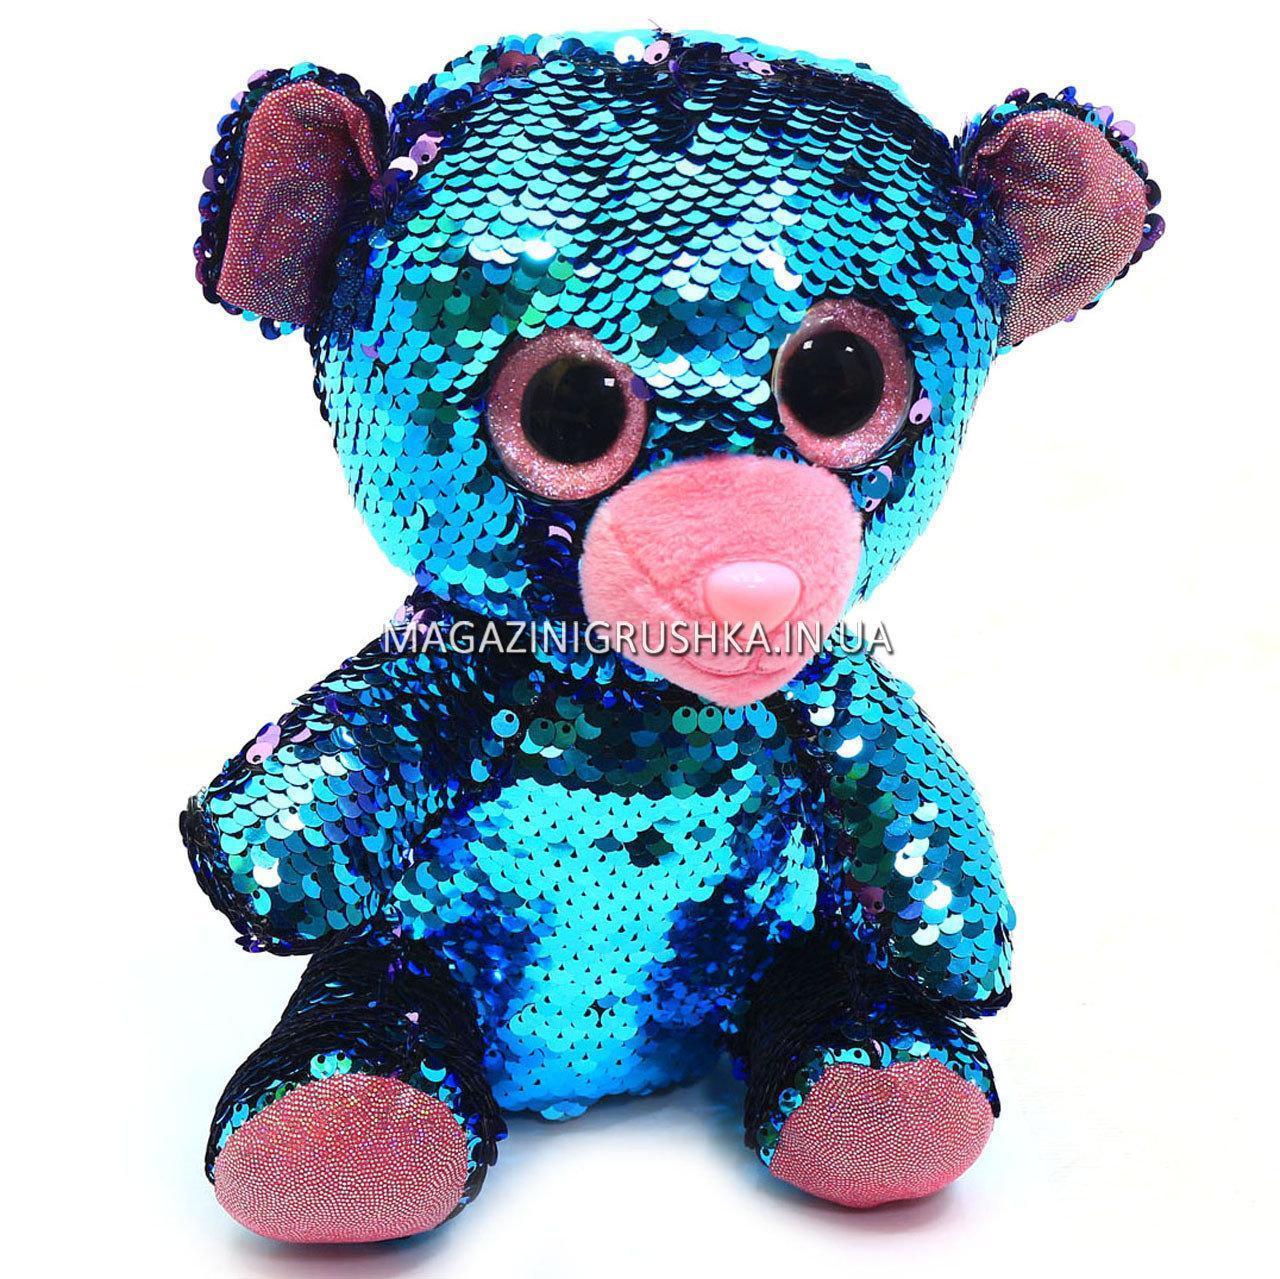 Мягкая игрушка Медвежонок из пайеток-перевертышей Глазастики